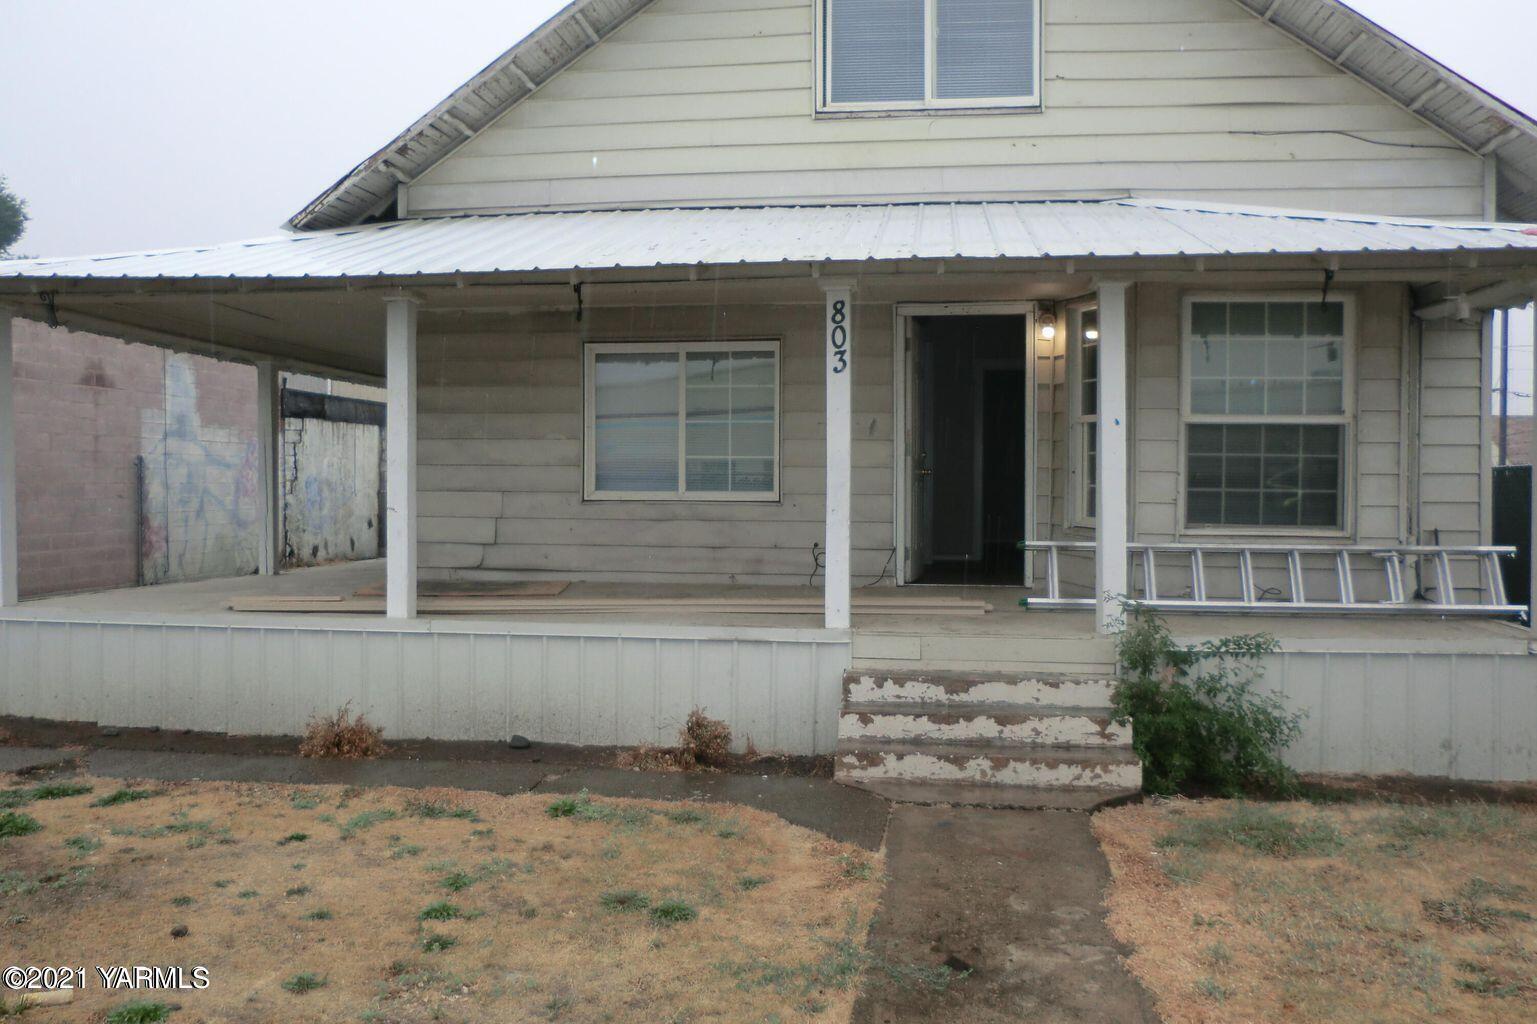 803 S 3rd St, Yakima, WA 98901